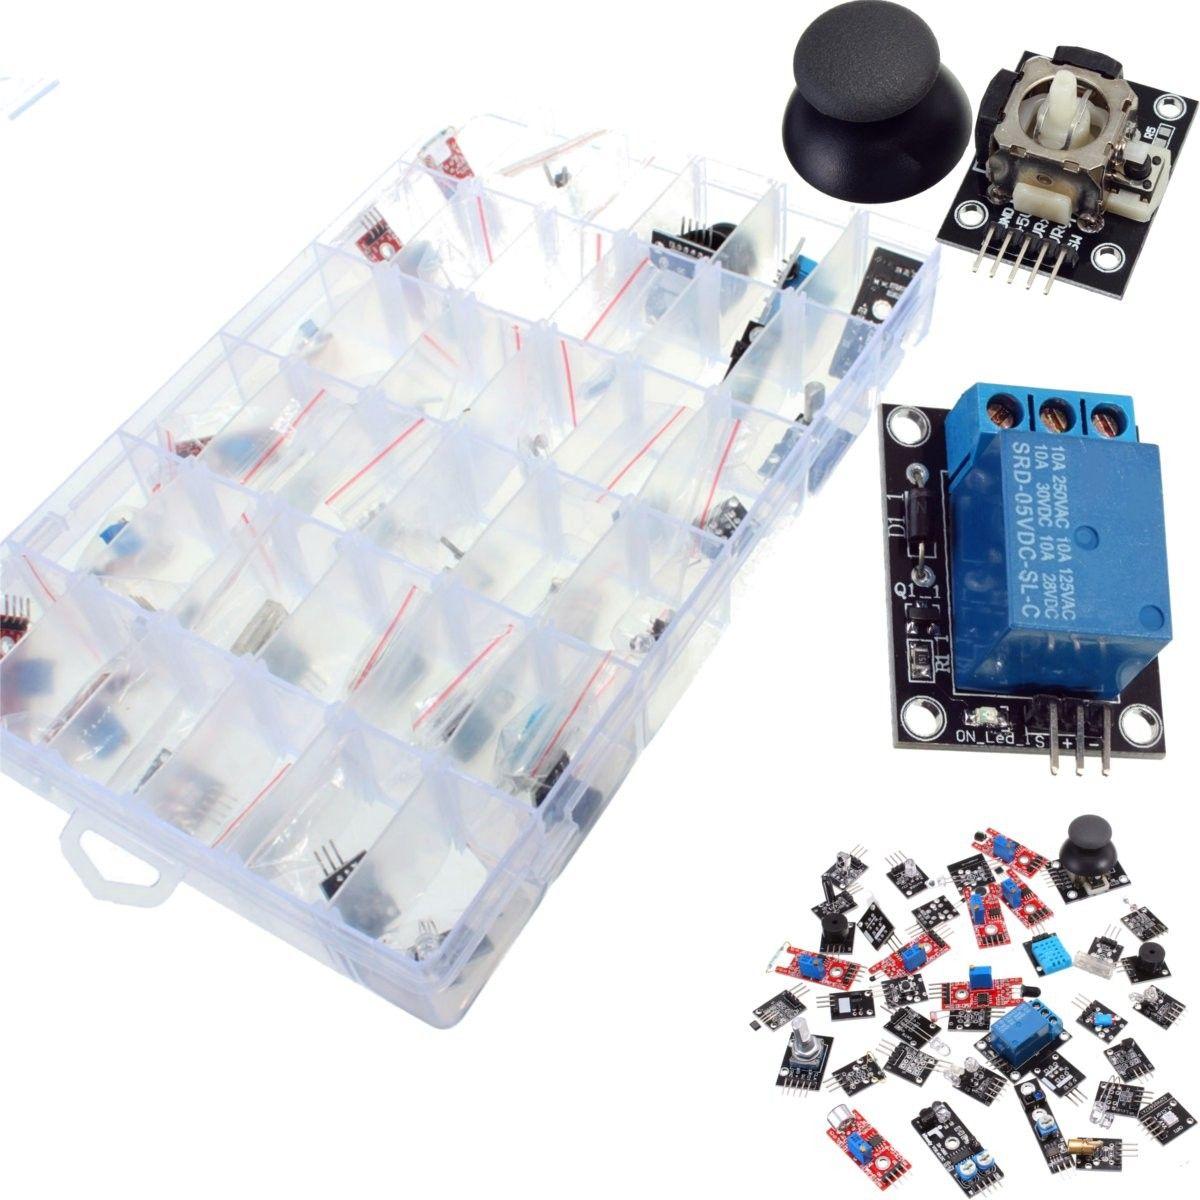 Starter Kit 37 Sensoren im Kunststoffkasten